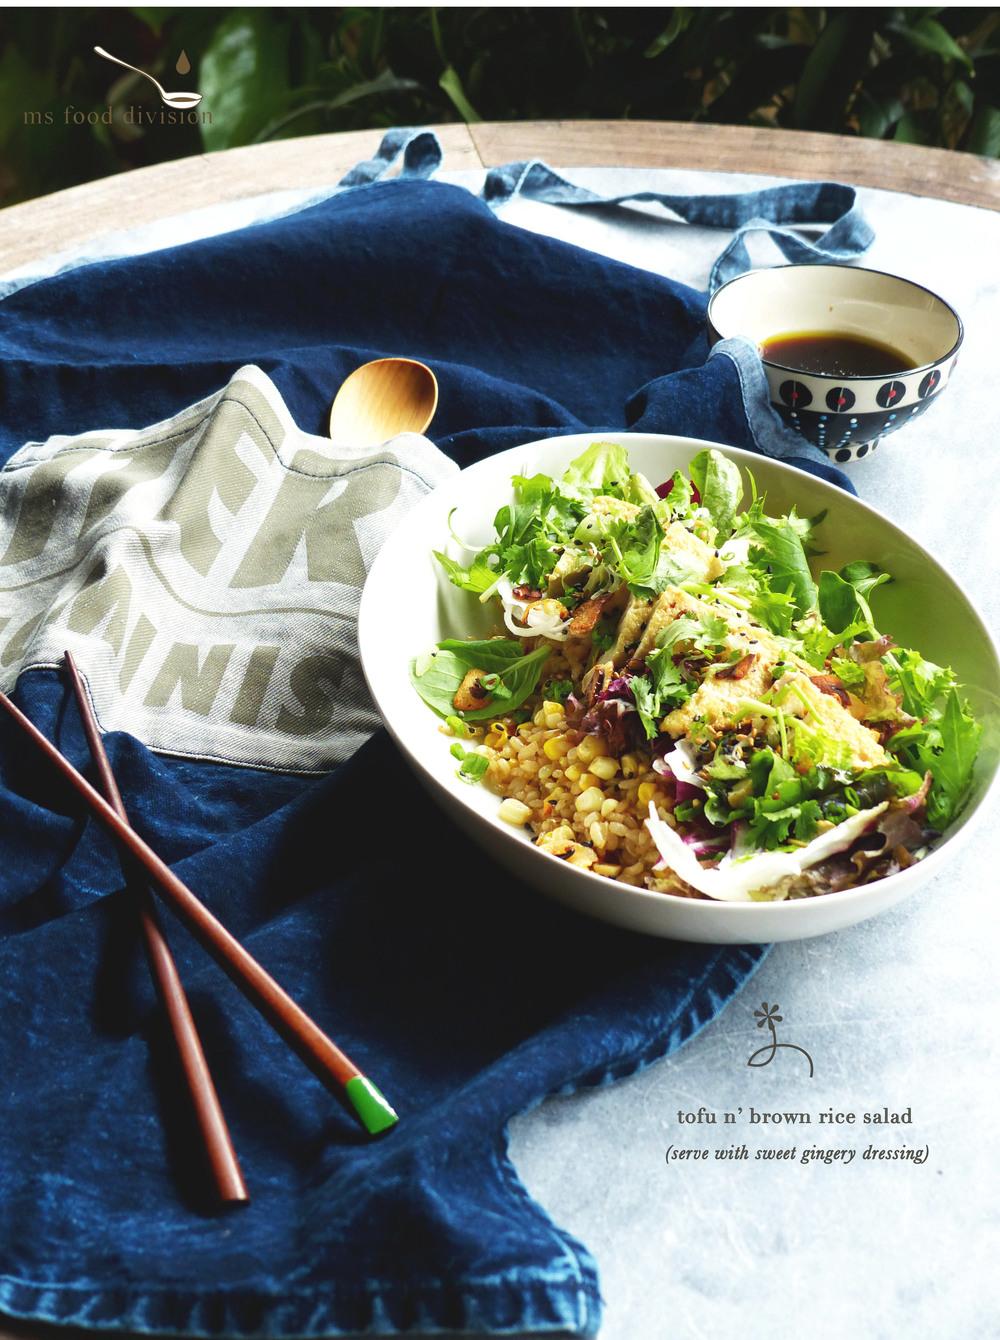 tofu n brown rice salad-3.jpg